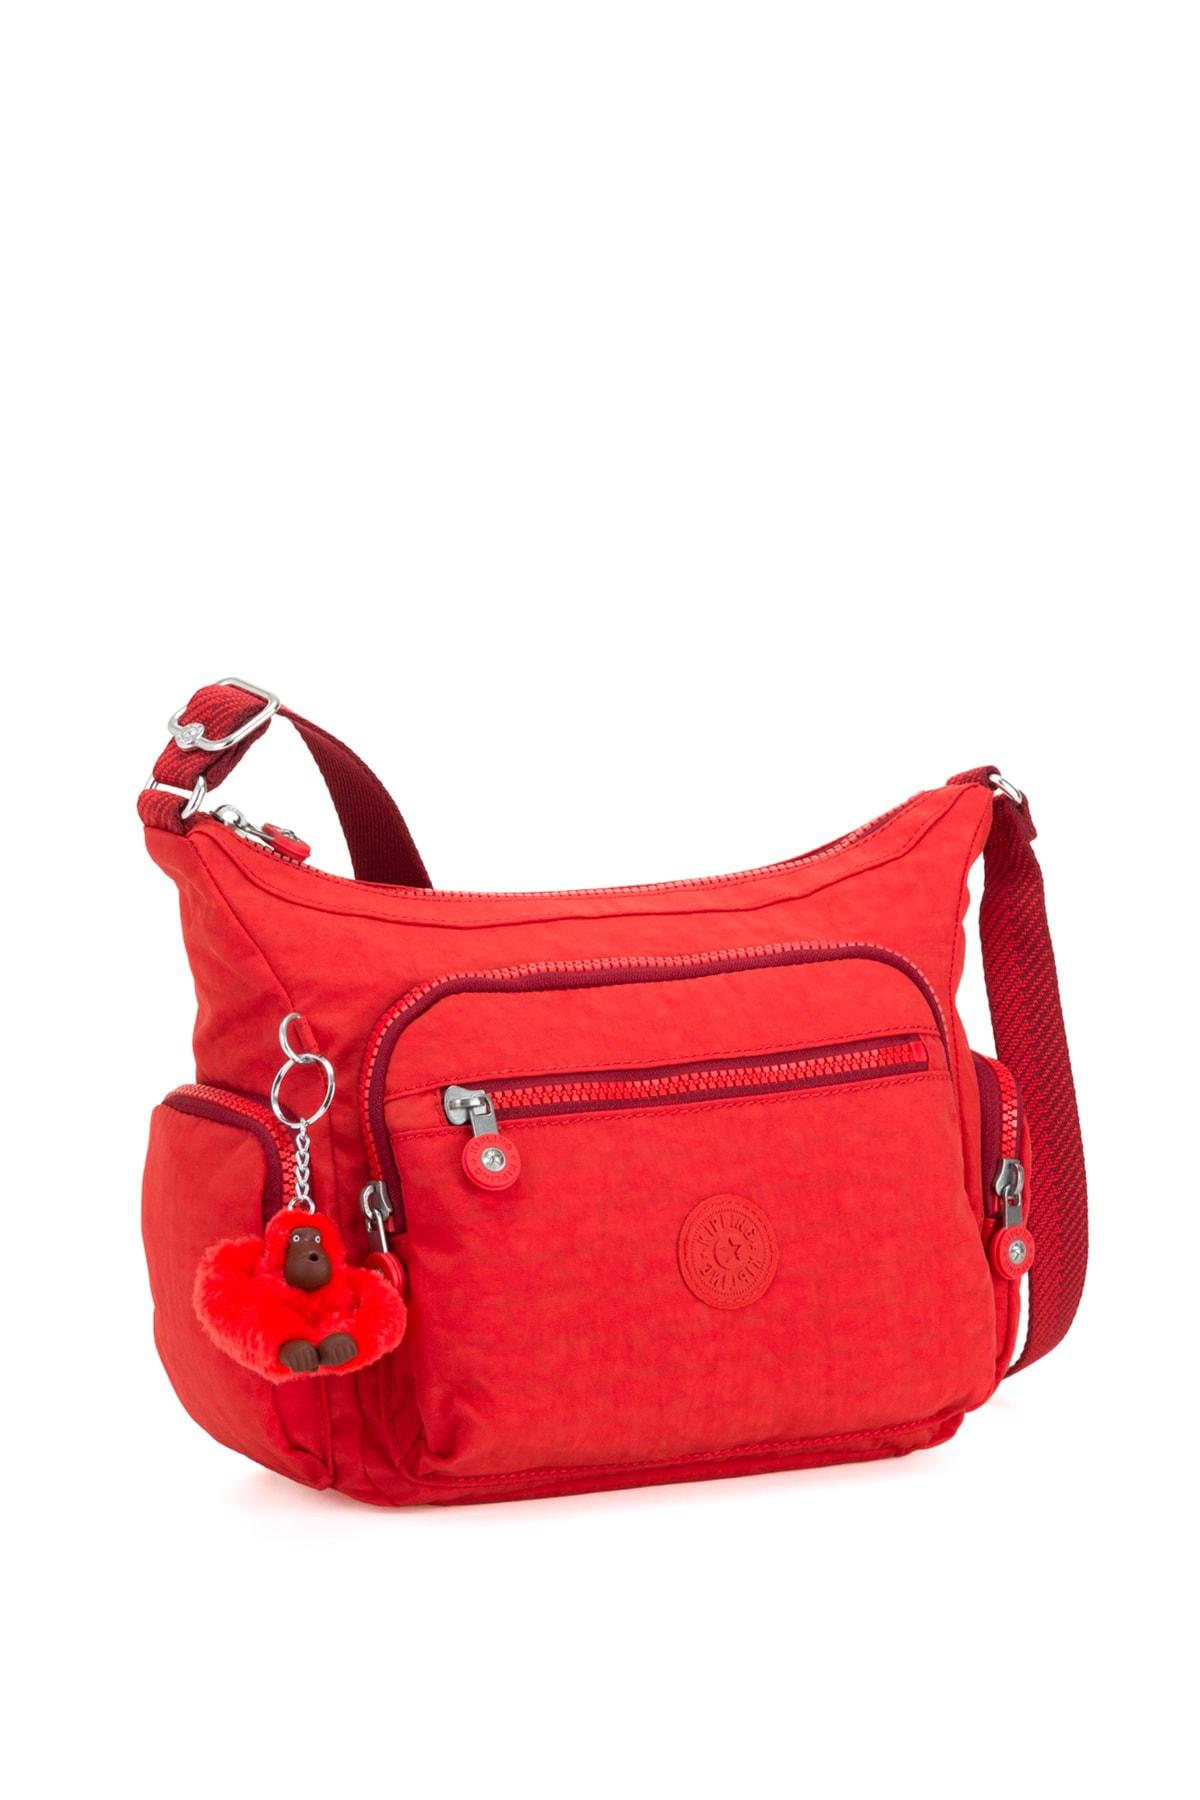 Kipling Kadın Active Red Omuz Çantası 19Y.KDN.CPR.MEB.0031 2